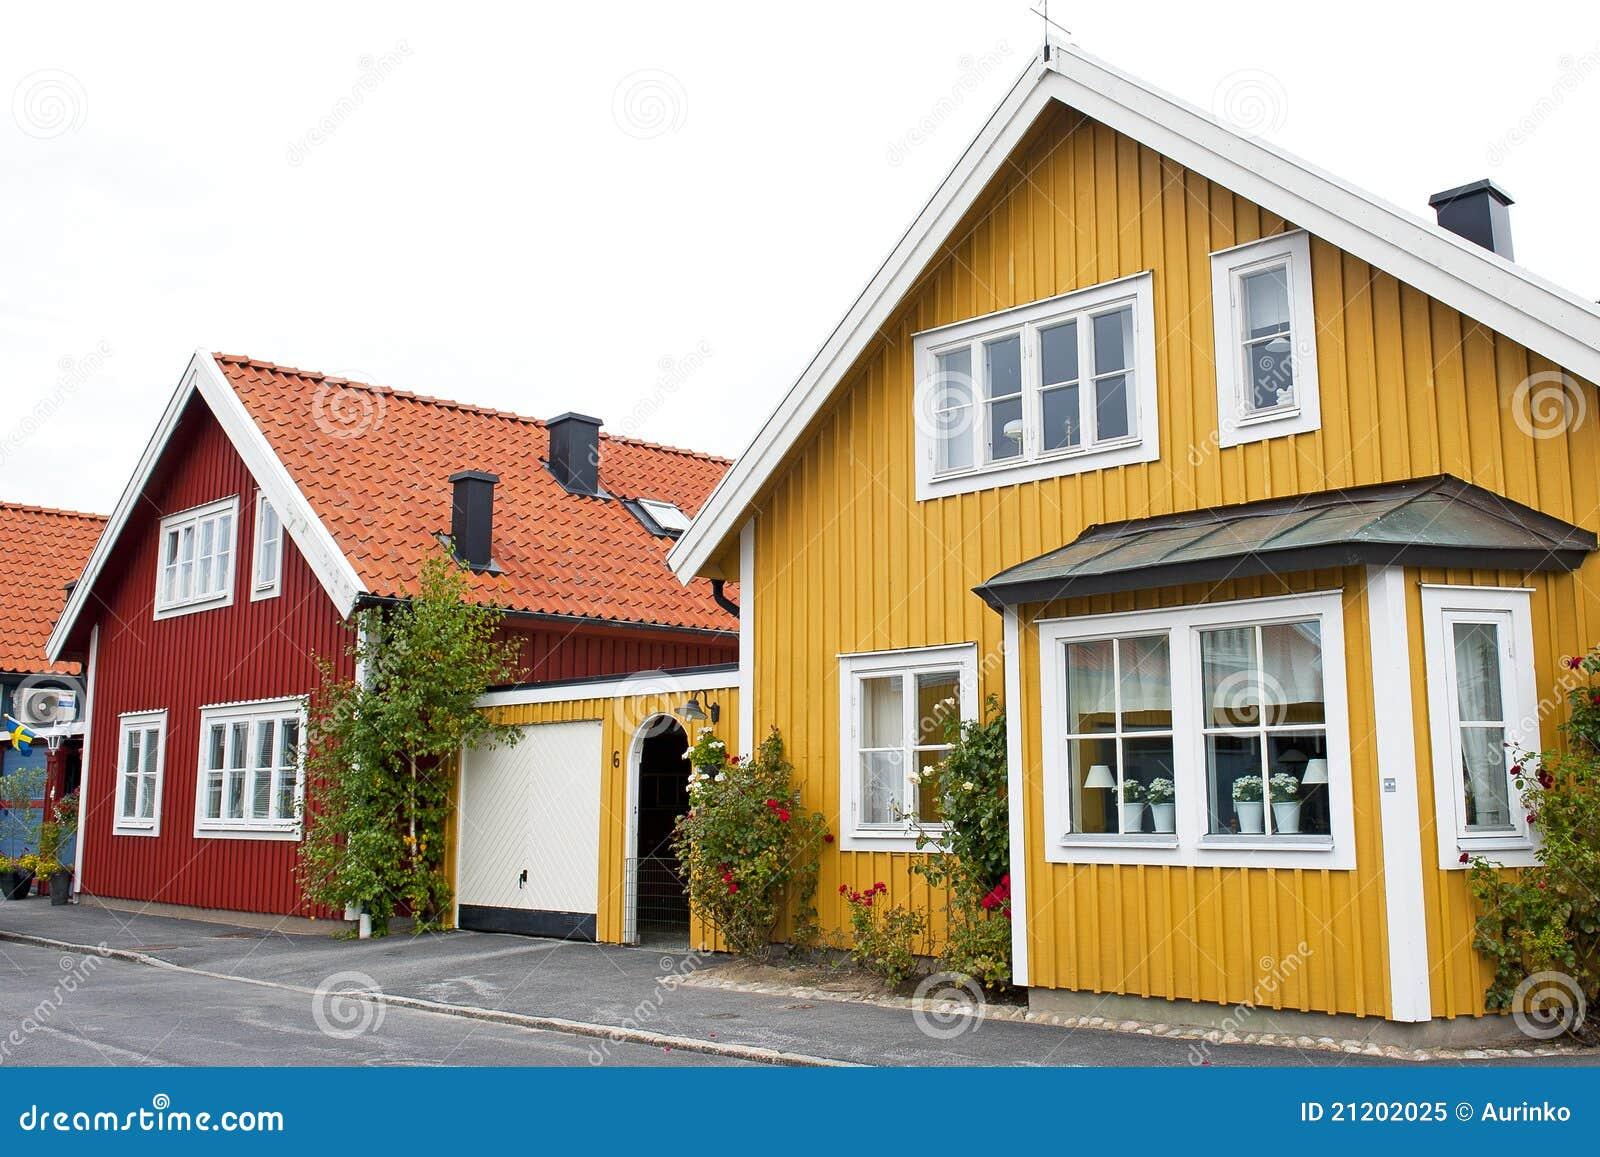 Architecture scandinave photo libre de droits image for Architecture traditionnelle scandinave